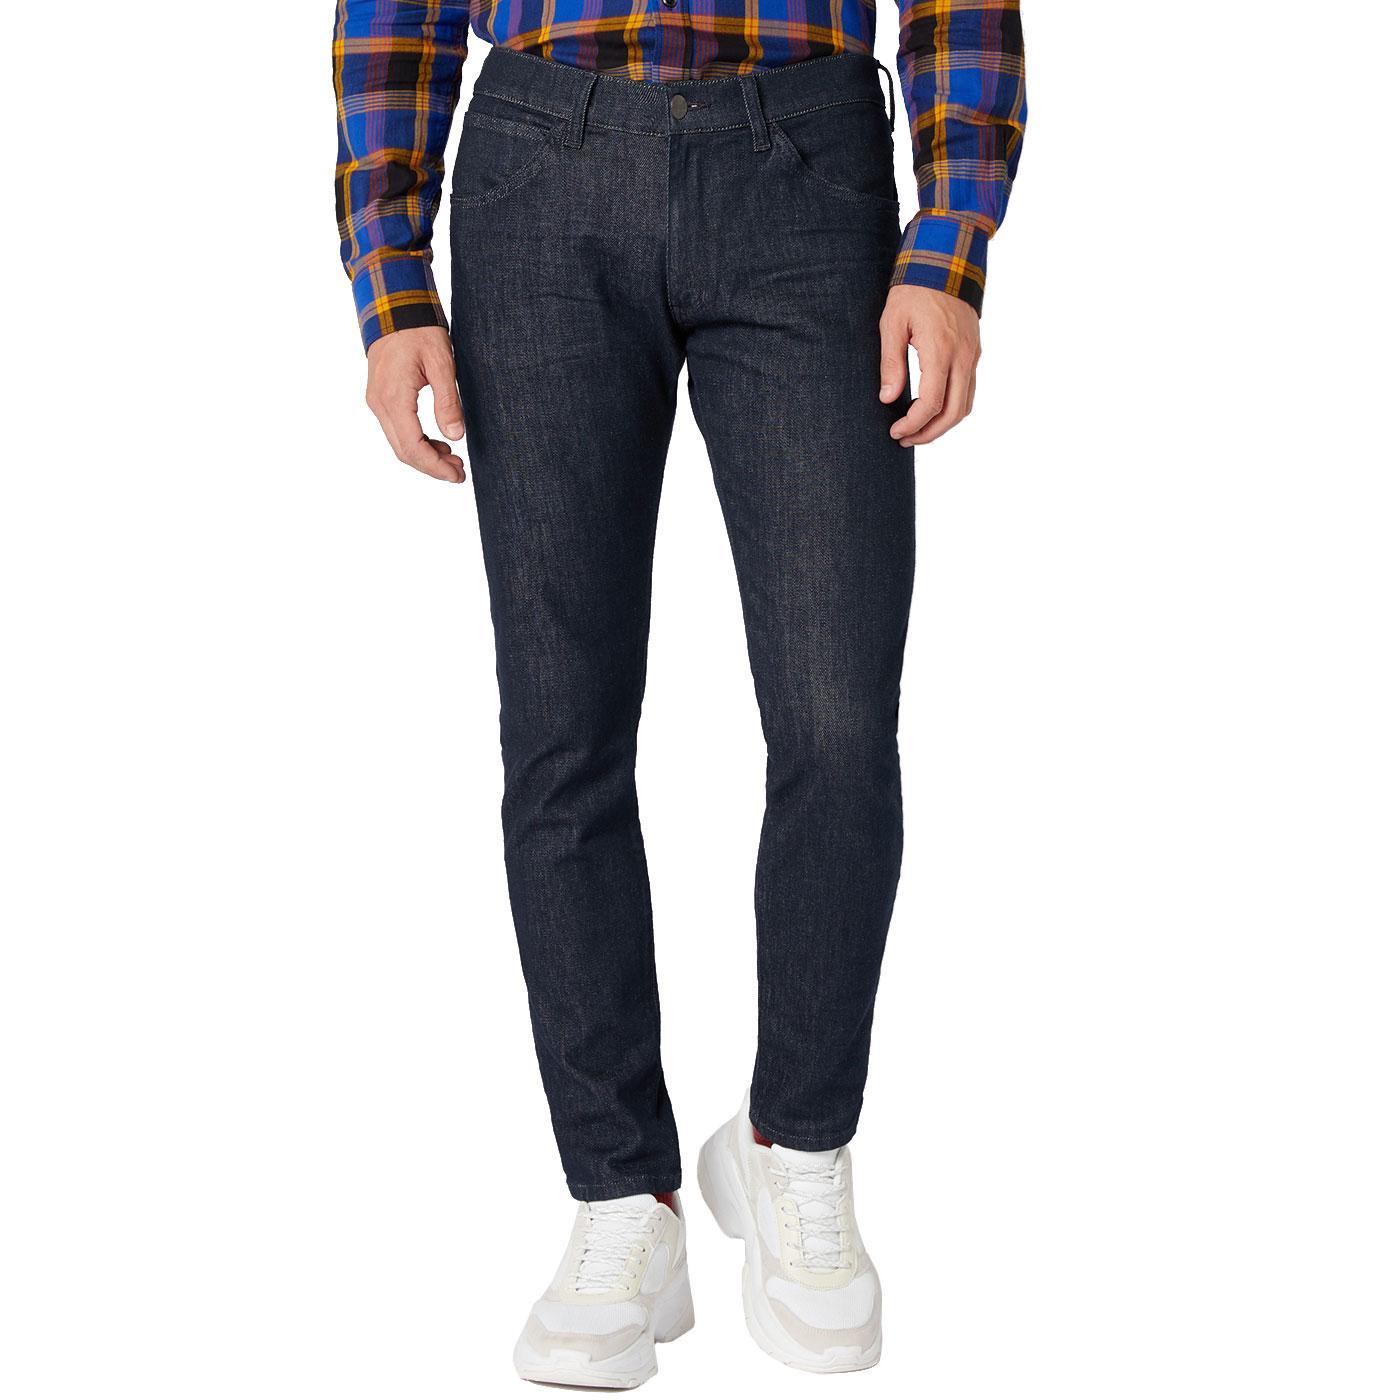 Bryson WRANGLER Men's Skinny Jeans - Mascot Blue